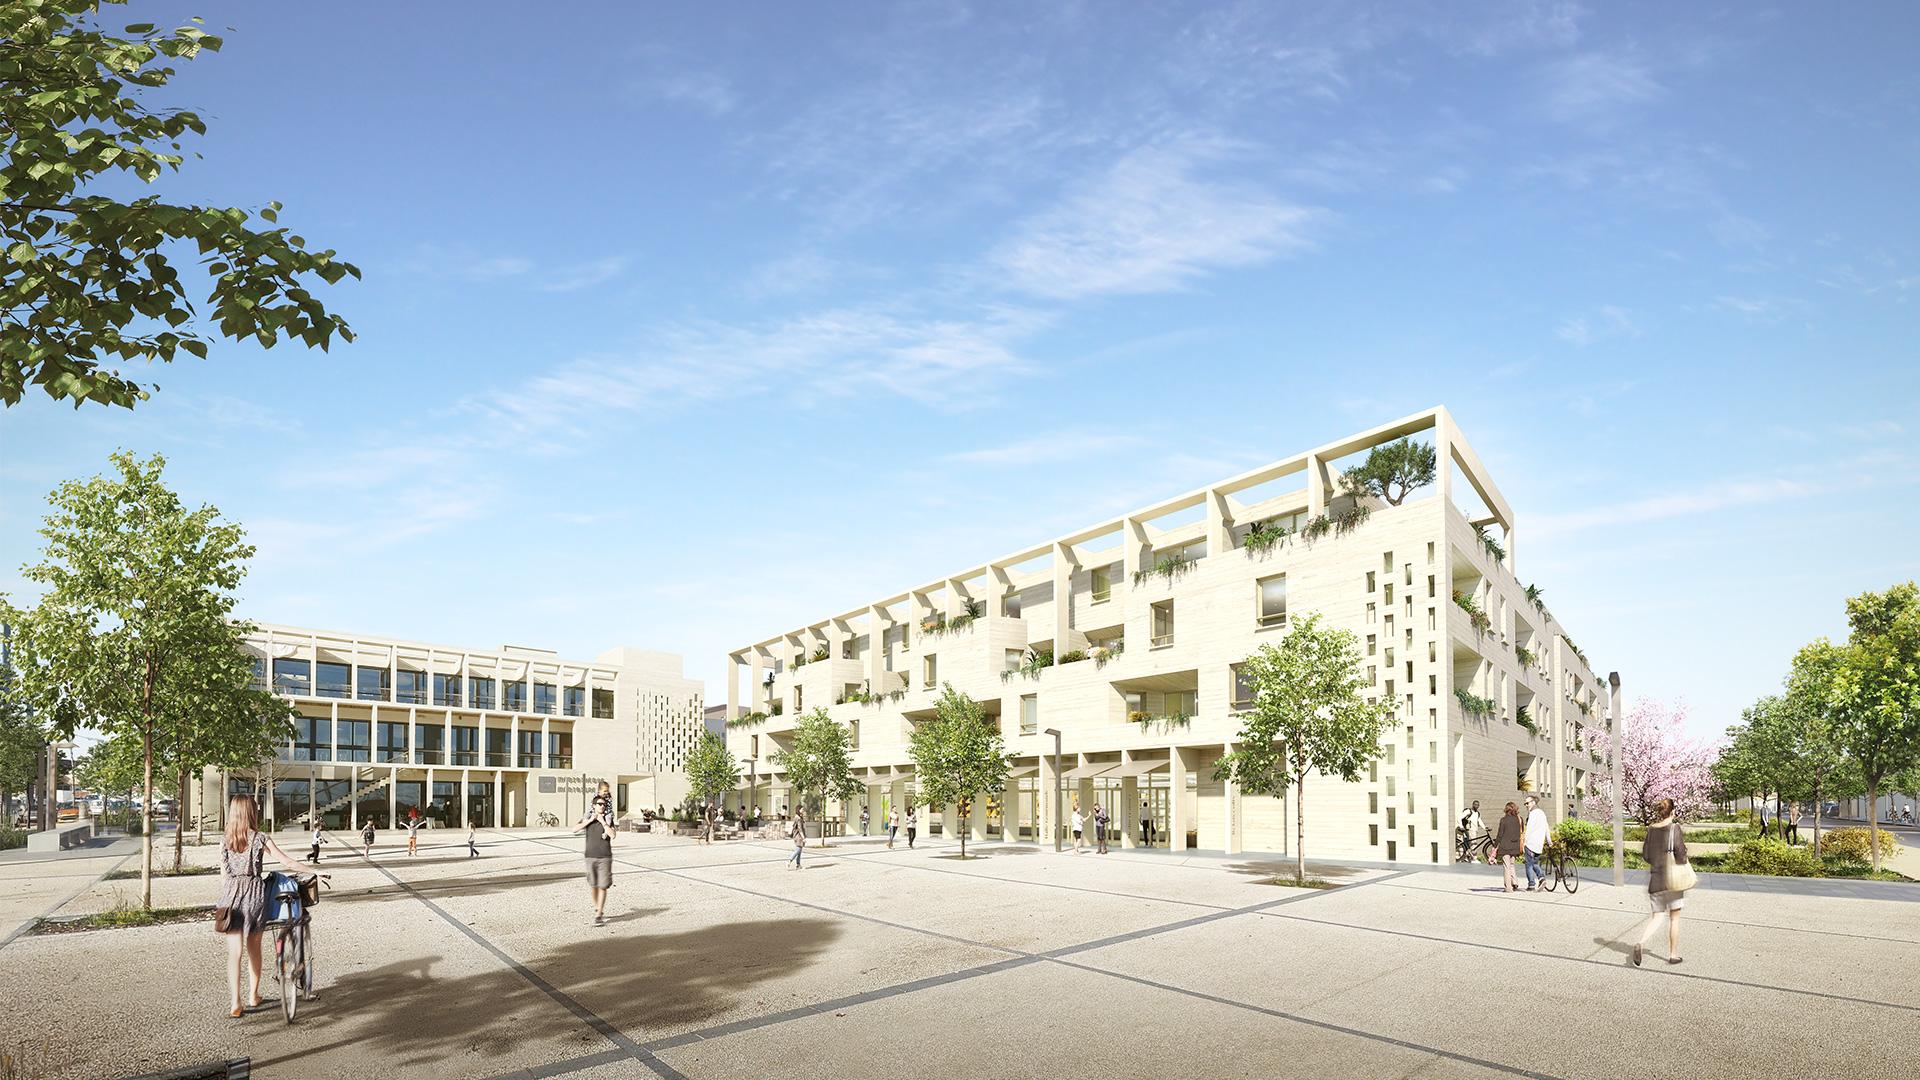 Perspective - résidence de logements à Frontignan - ZAC des Pielles - TAUTEM architecture